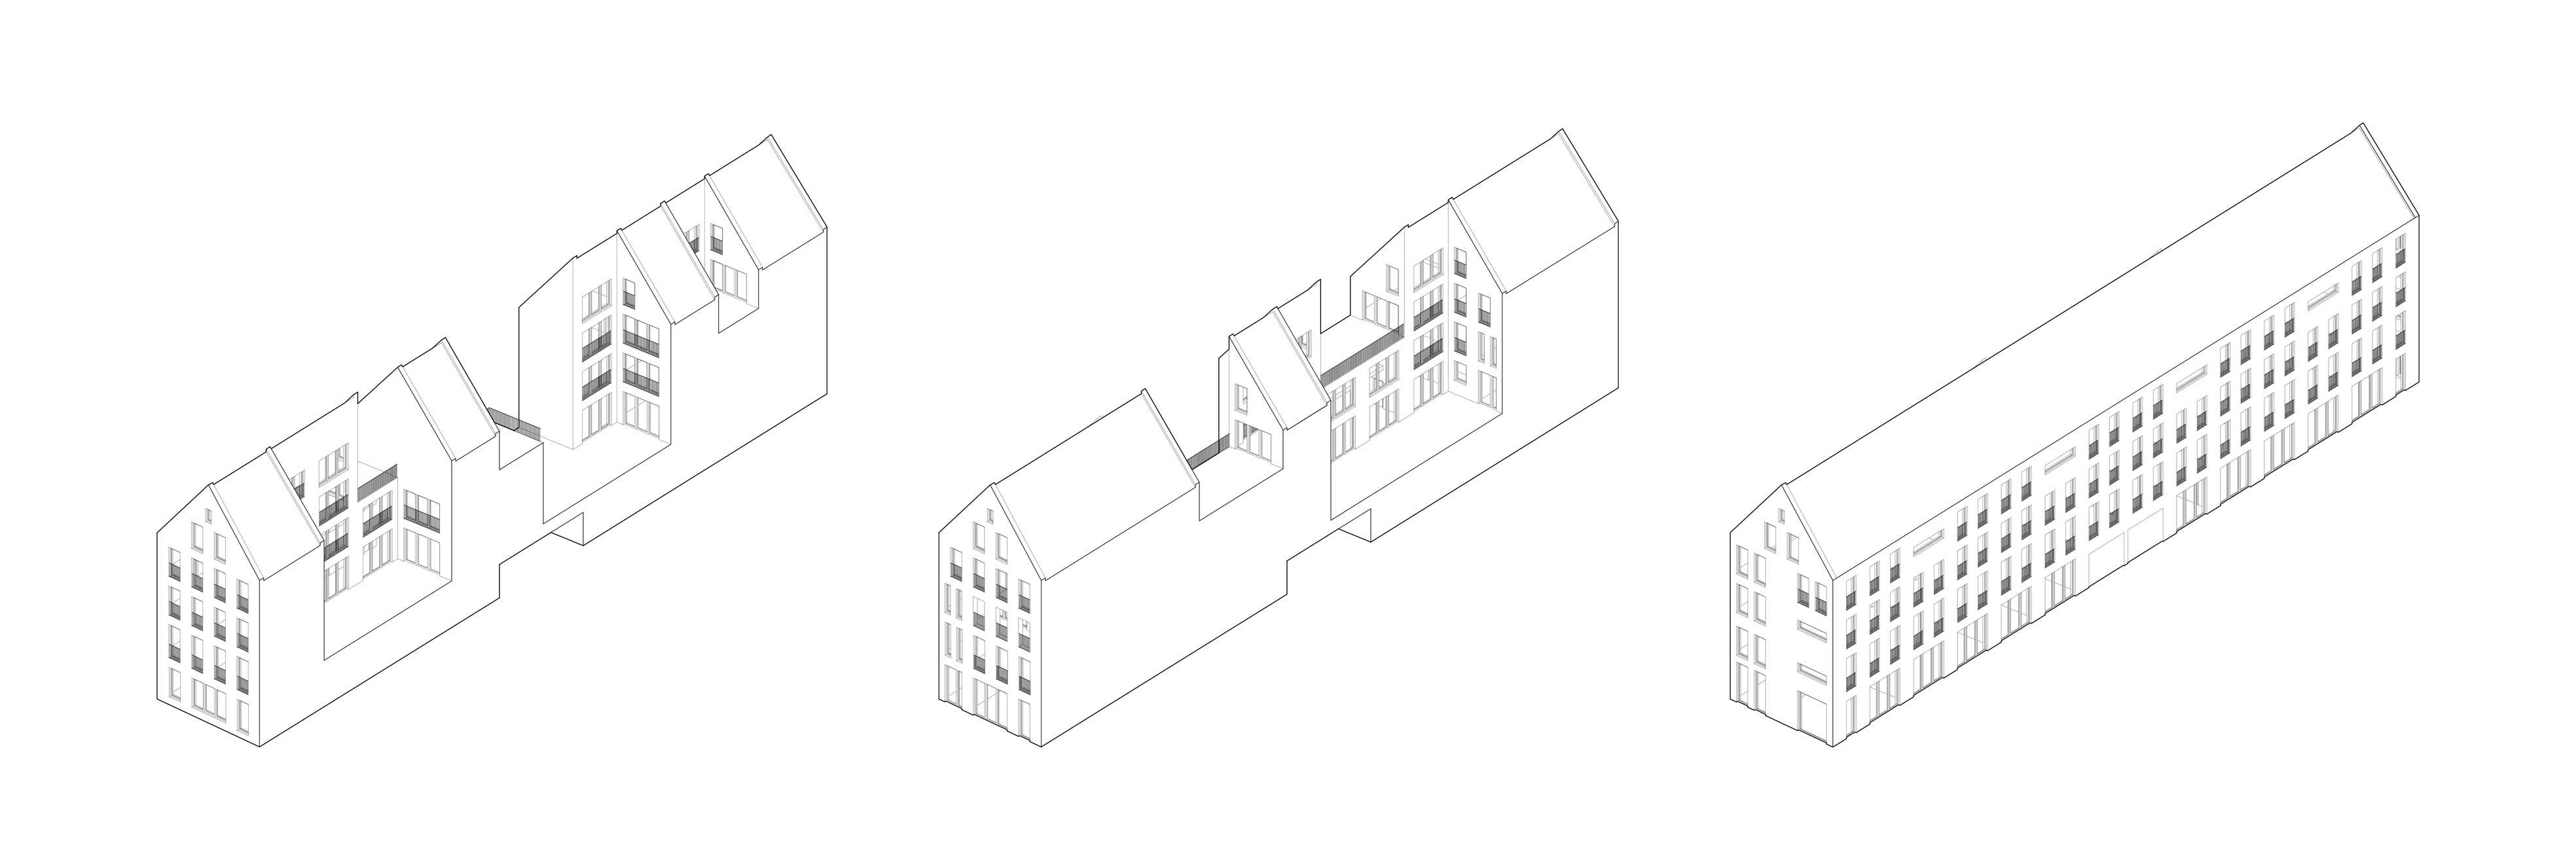 KUBIK Architektur - Studio für Architektur Berlin - architecture - Wettbewerb - Wohnbau - Gruenderzentrum Luebeck - Isometrie